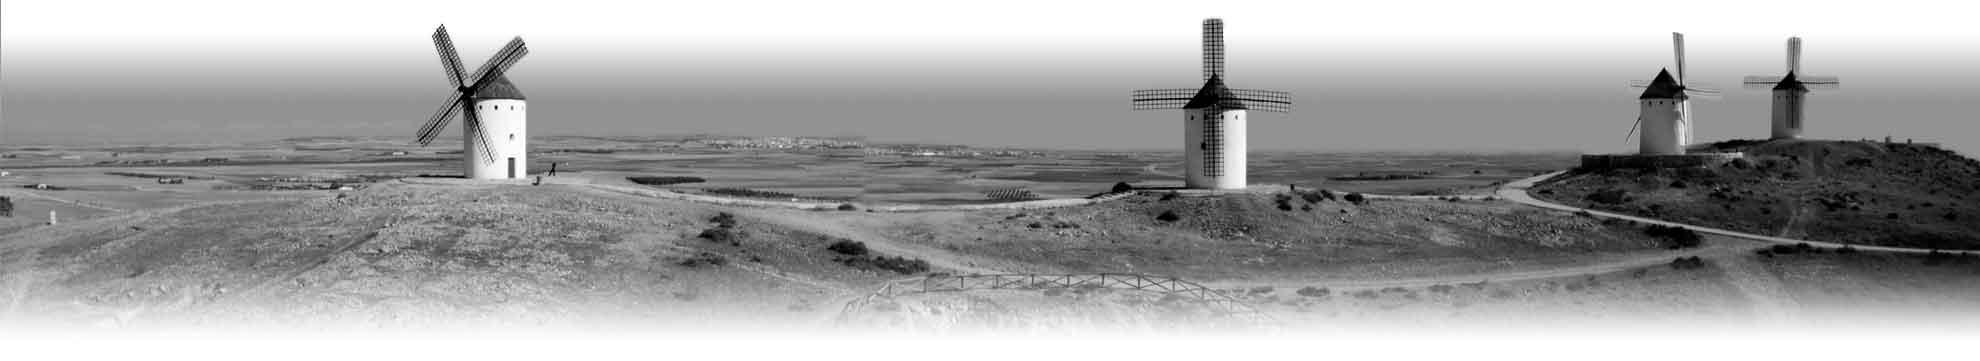 Panorámica aérea molinos de viento Castilla La Mancha